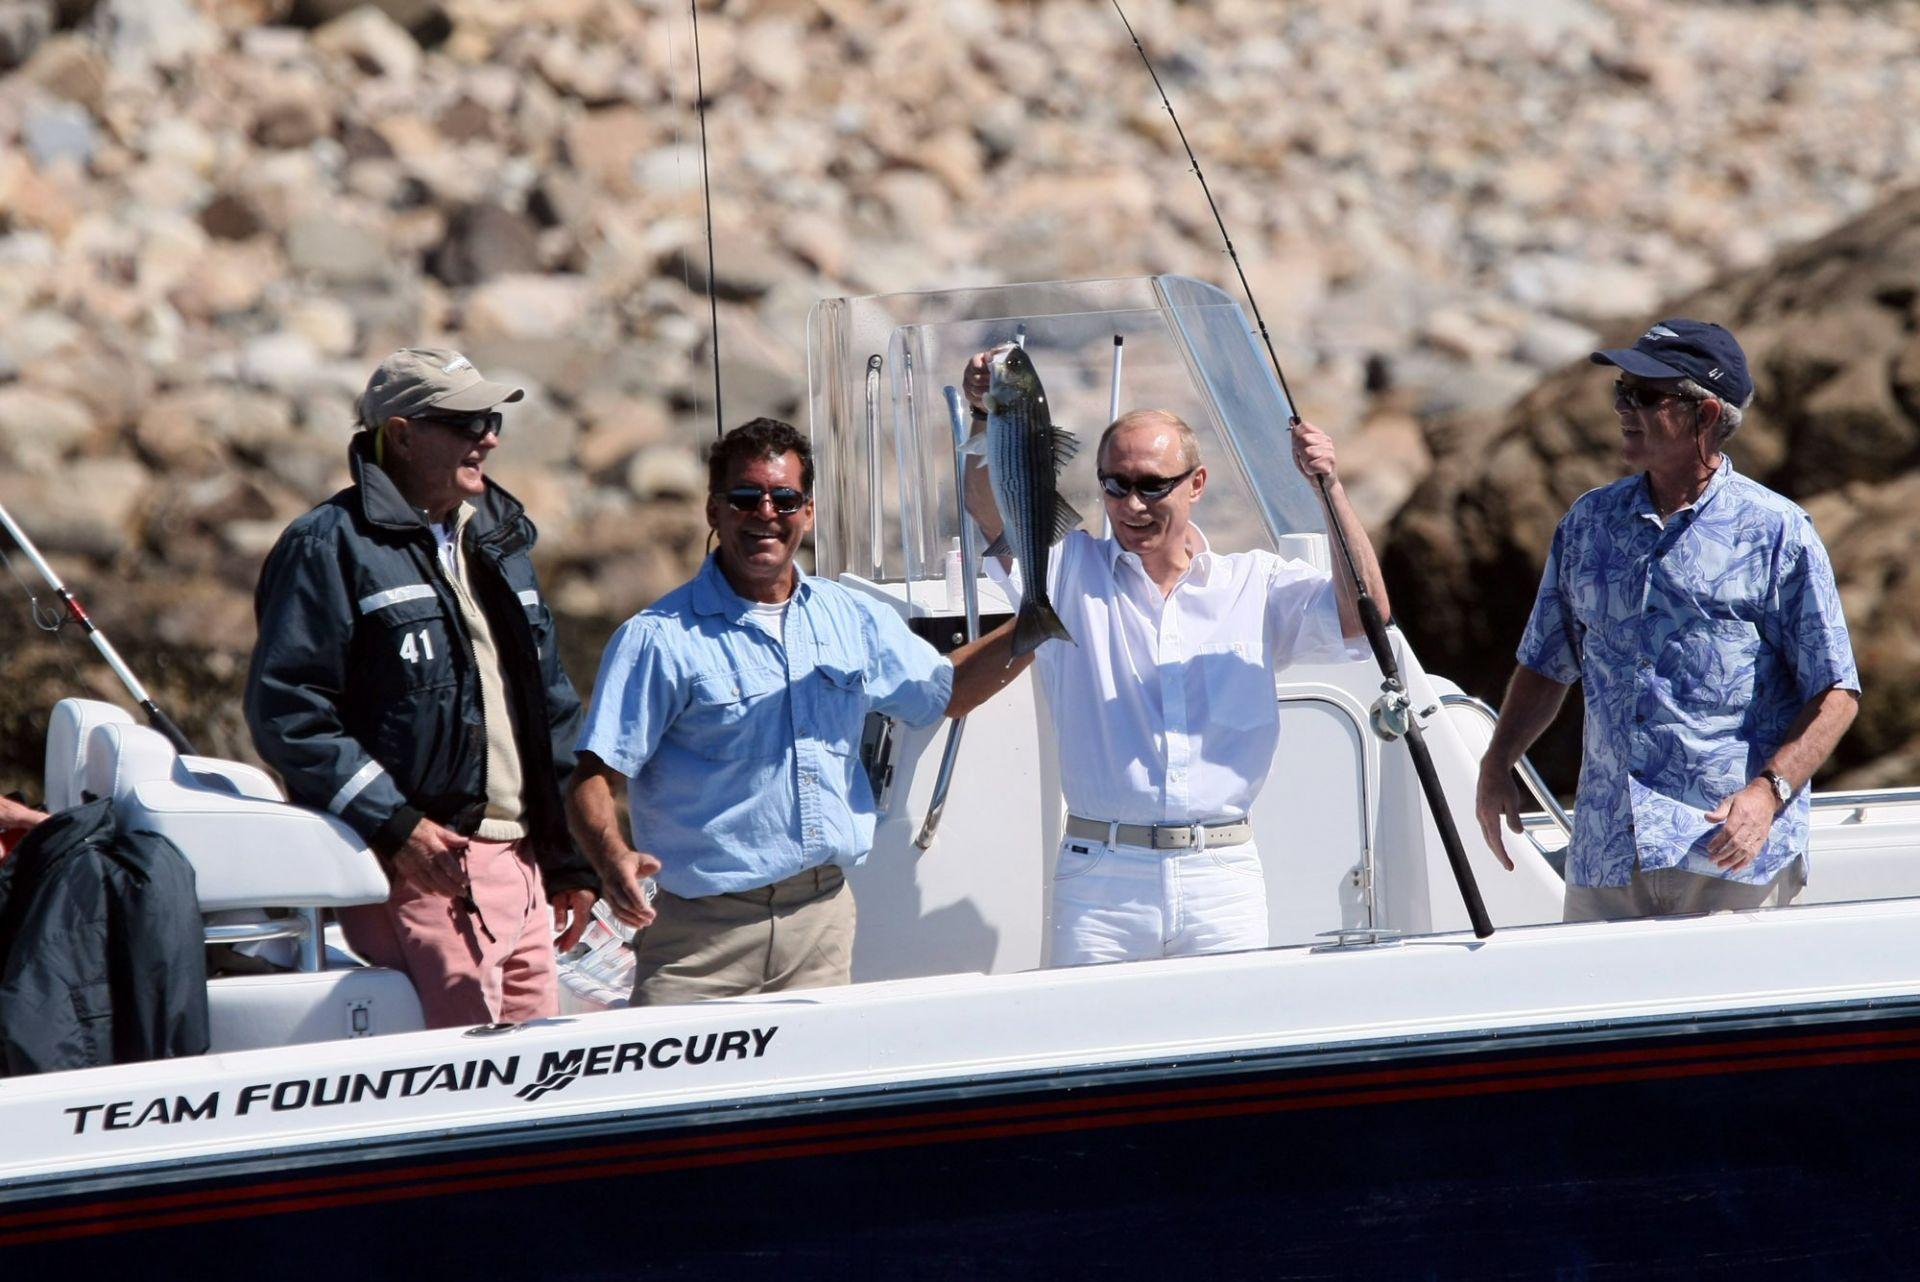 2 юли 2007 г. - В тази снимка, предоставена от Белия дом, бившият президент Джордж Х. У. Буш и президентът Джордж Буш наблюдават риболовния успех на президента на Русия Владимир Путин по време на сутрешен излет в Уокър Пойнт в Кенебункпорт, Мейн.